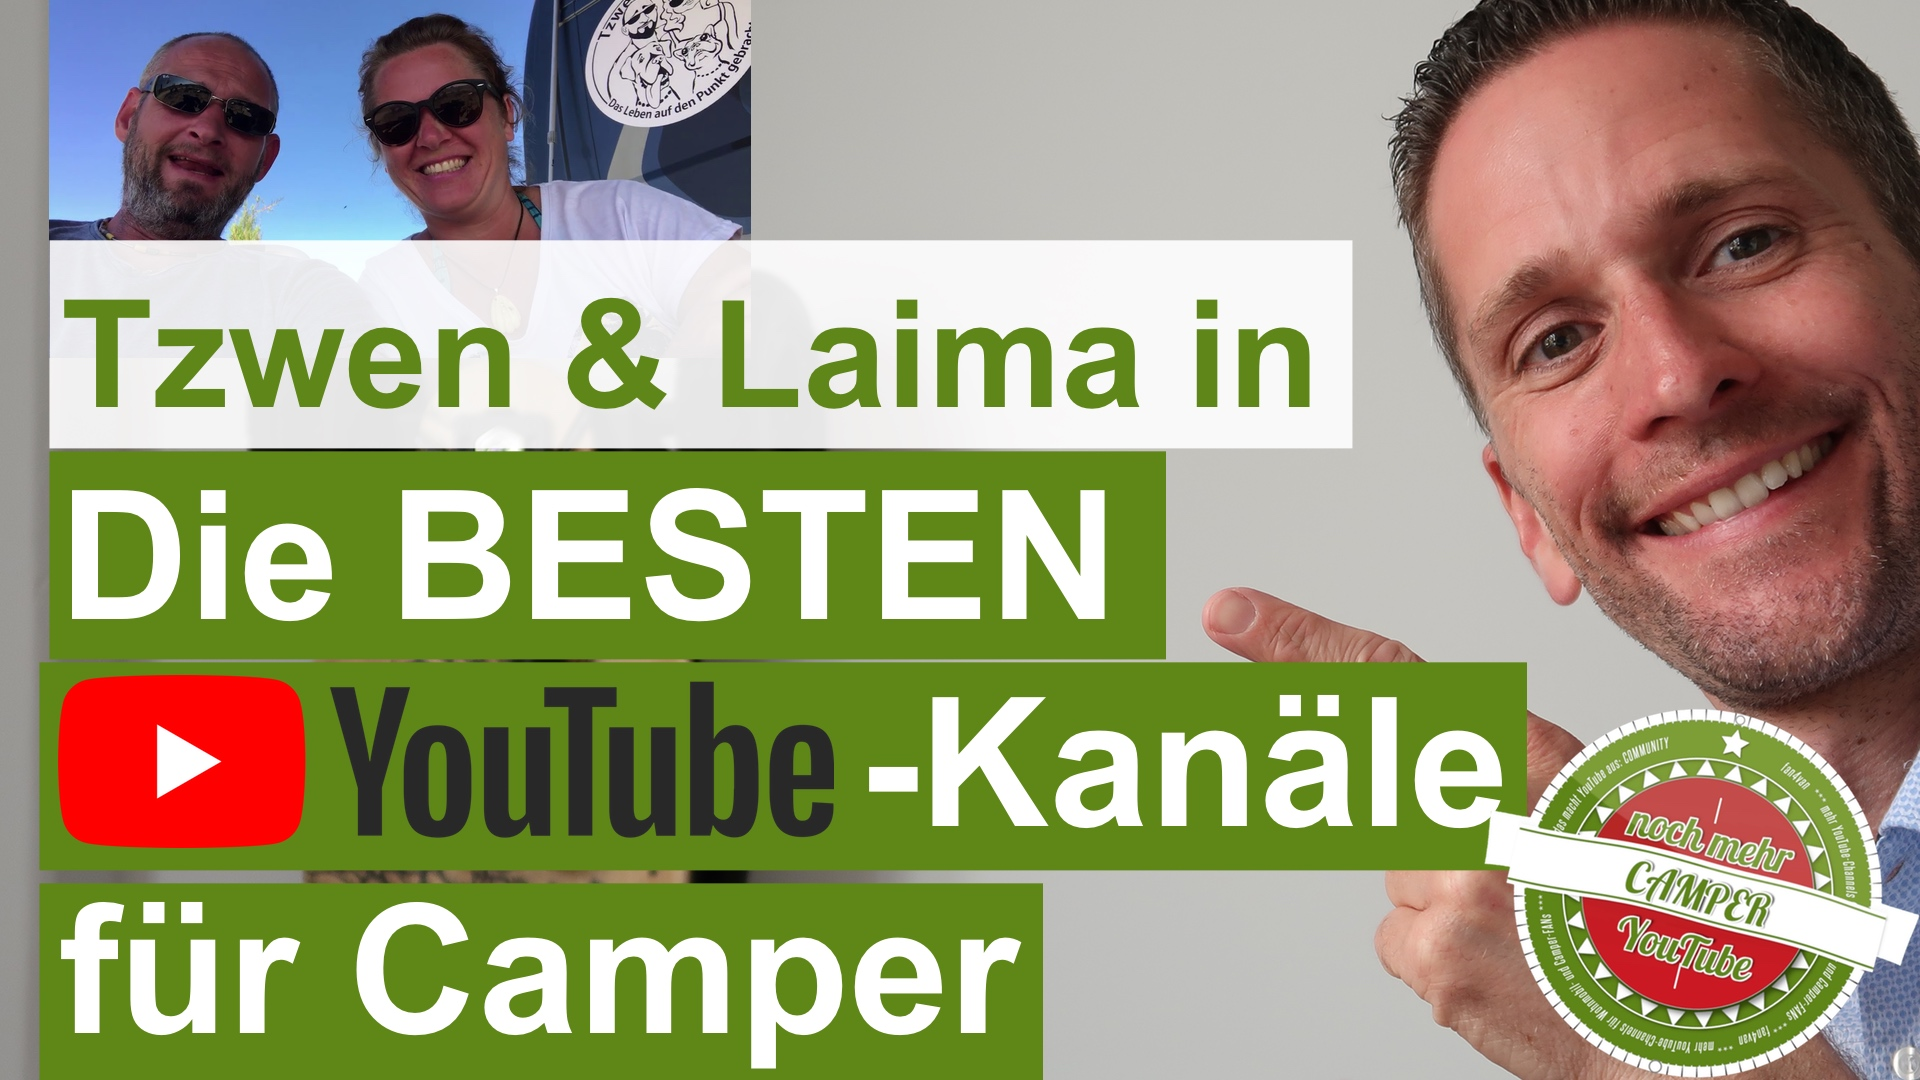 Tzwen und Laima, das sind die besten YouTube - Kanäle für Camper und Wohnmobil